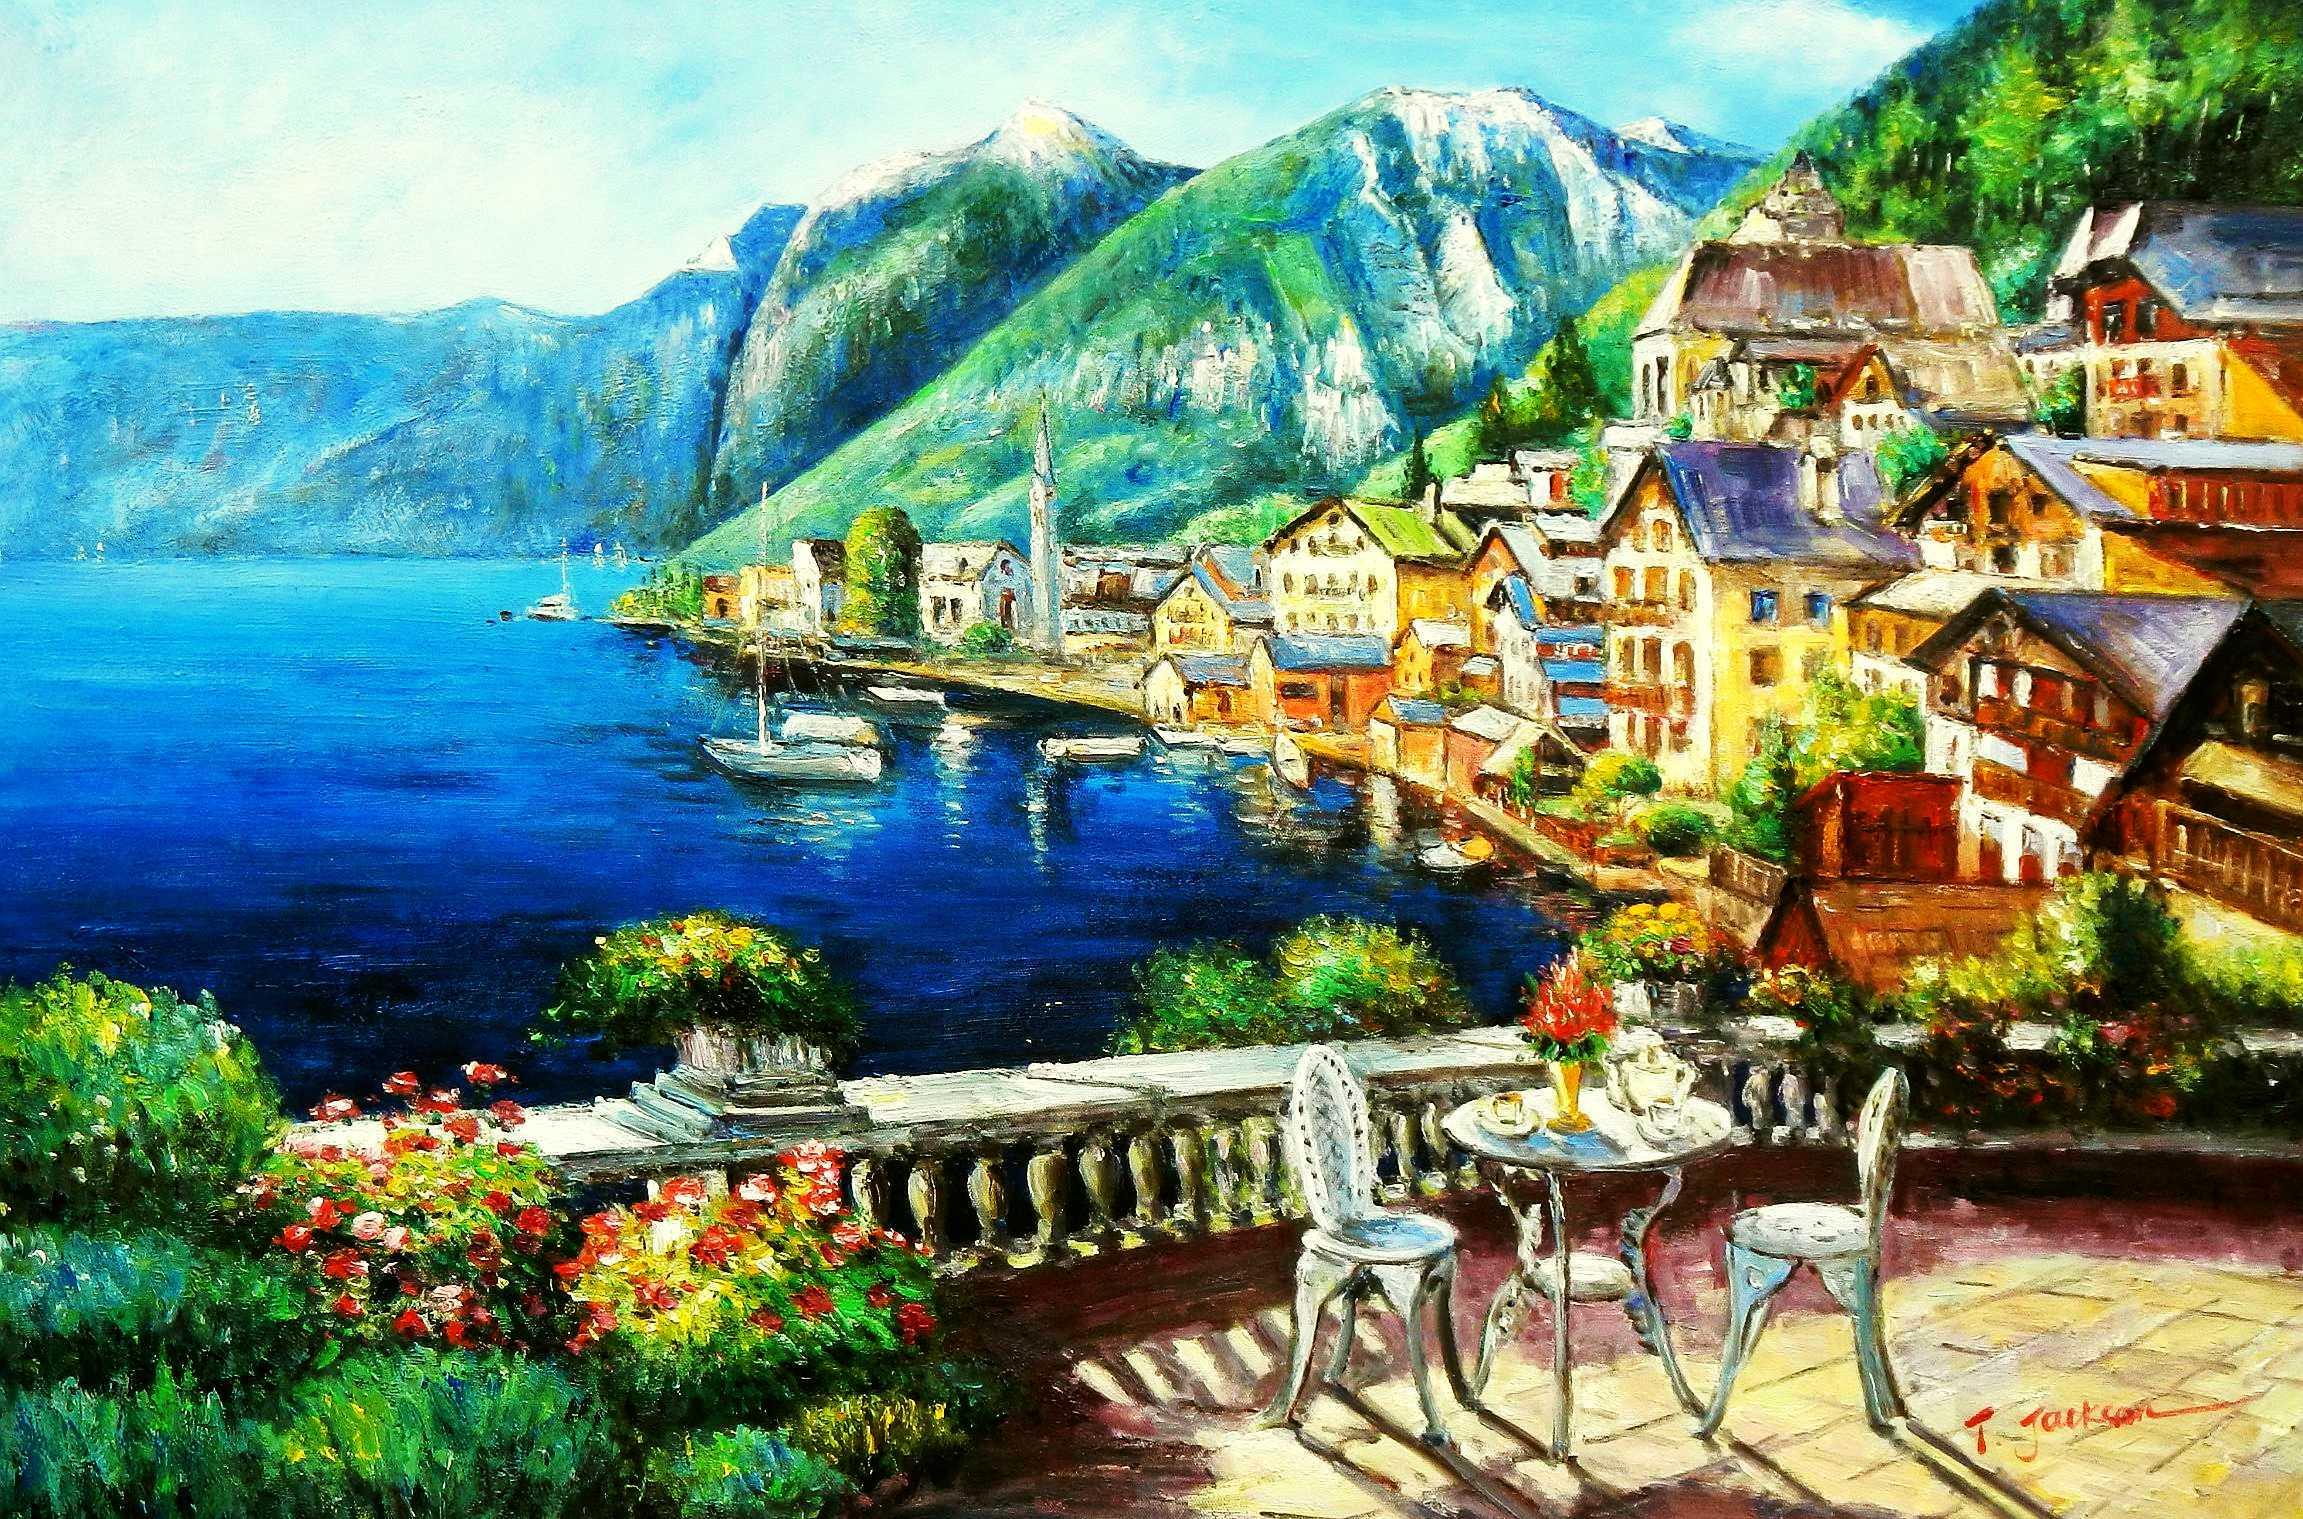 Hotelterrasse mit Meeresblick d95820 60x90cm abstraktes Gemälde handgemalt